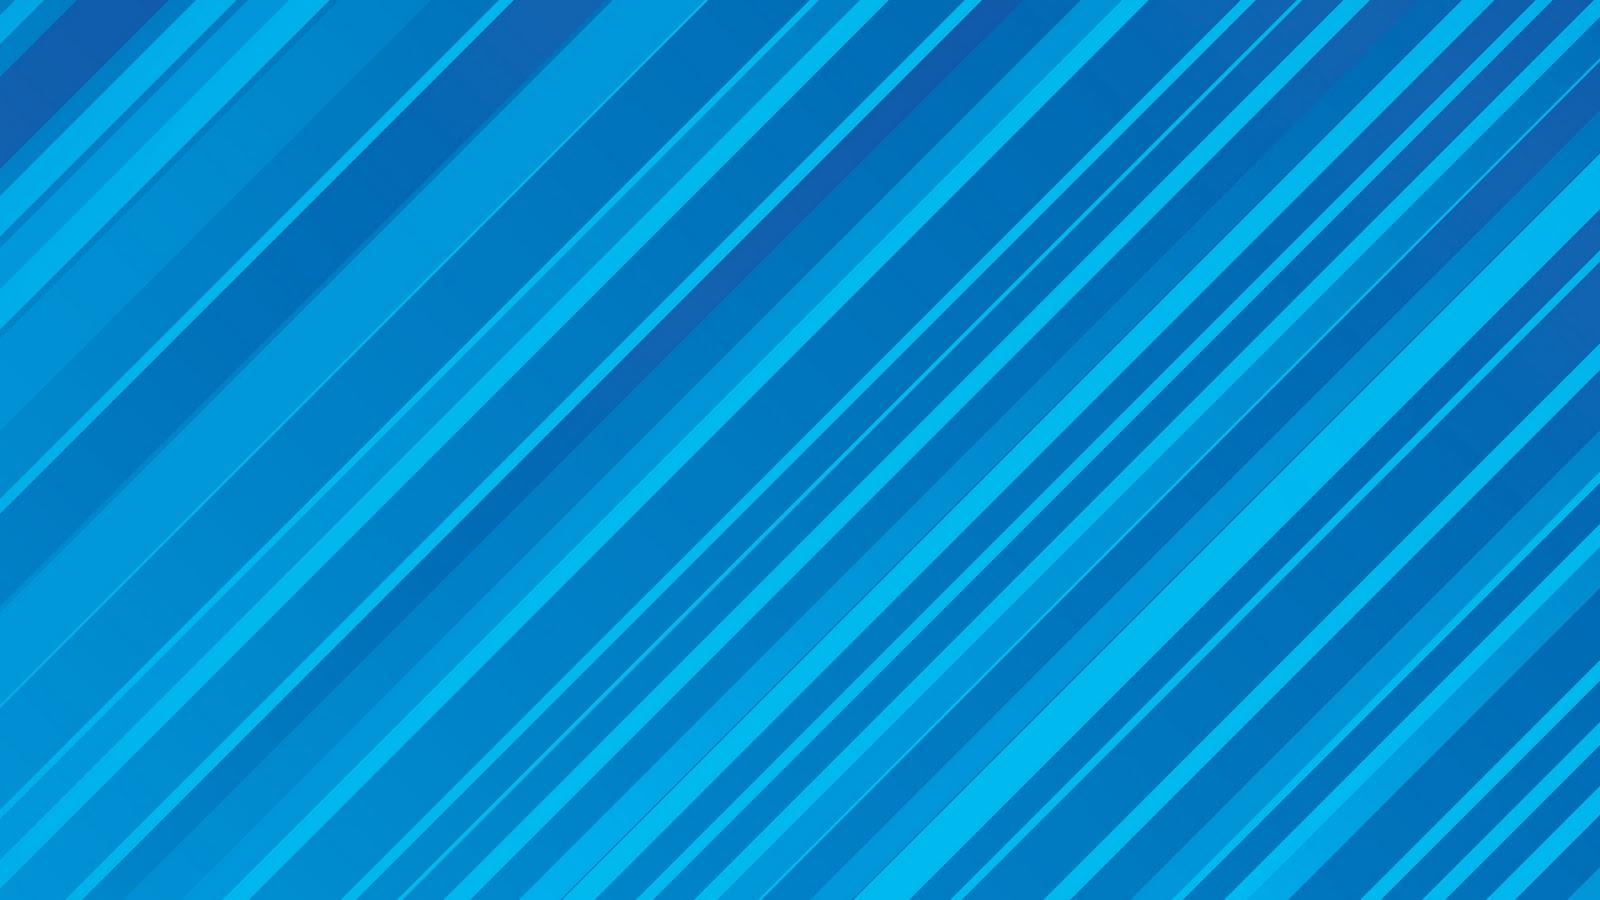 Cool Blue Wallpaper - WallpaperSafari